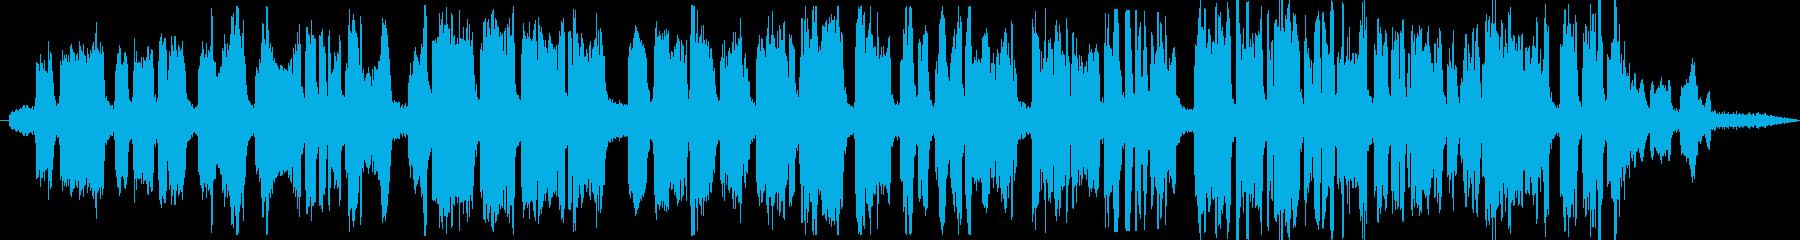 アラブ 説明的 静か クール アン...の再生済みの波形